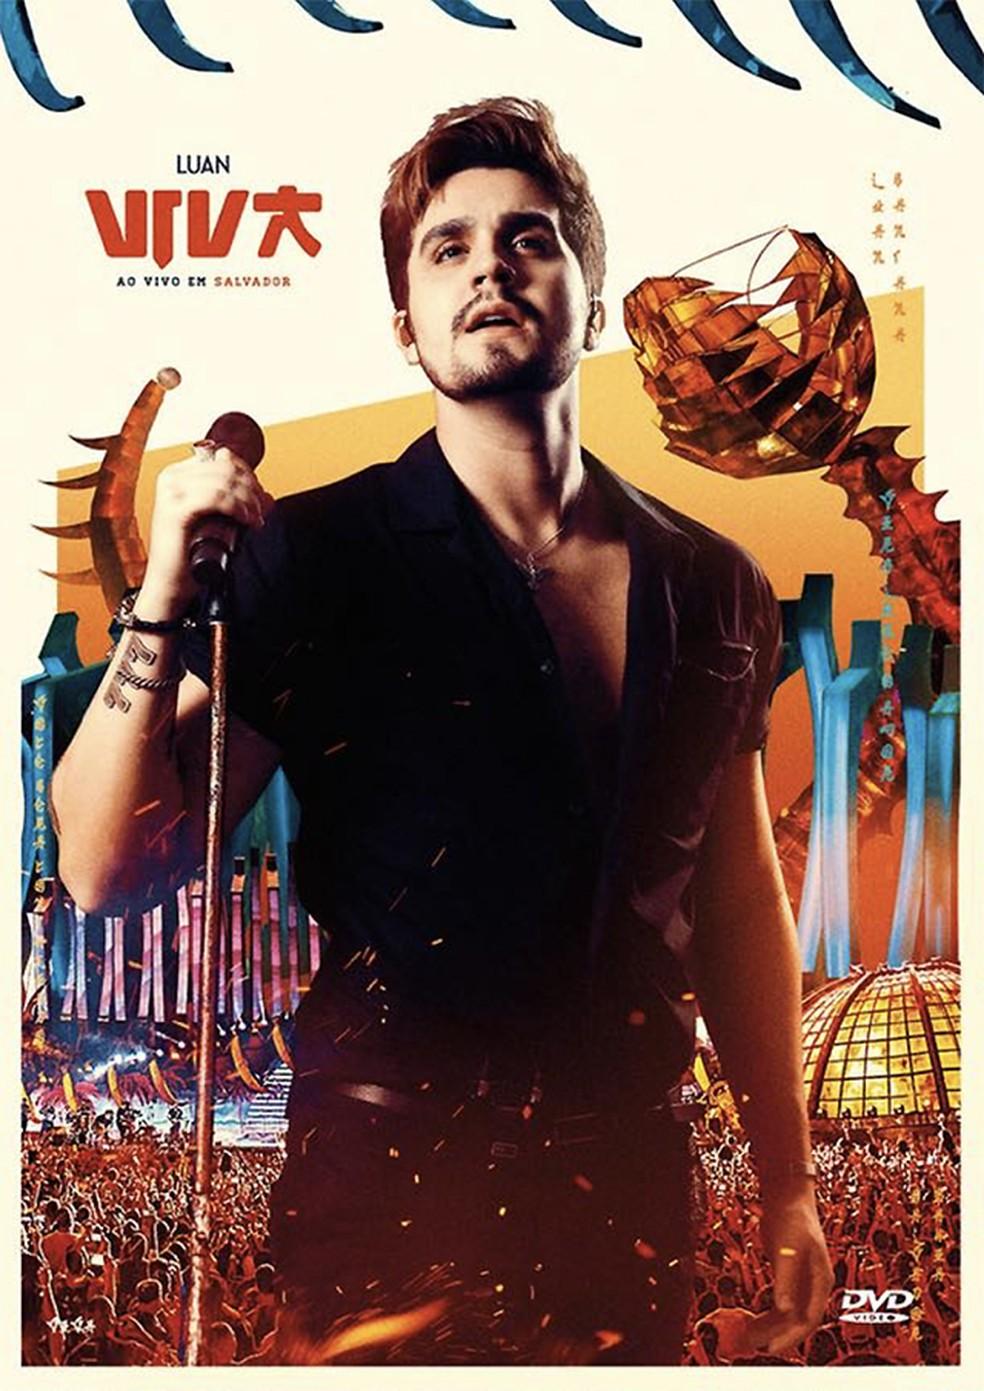 Capa do DVD 'Viva – Ao vivo em Salvador', de Luan Santana — Foto: Reprodução / Facebook Luan Santana